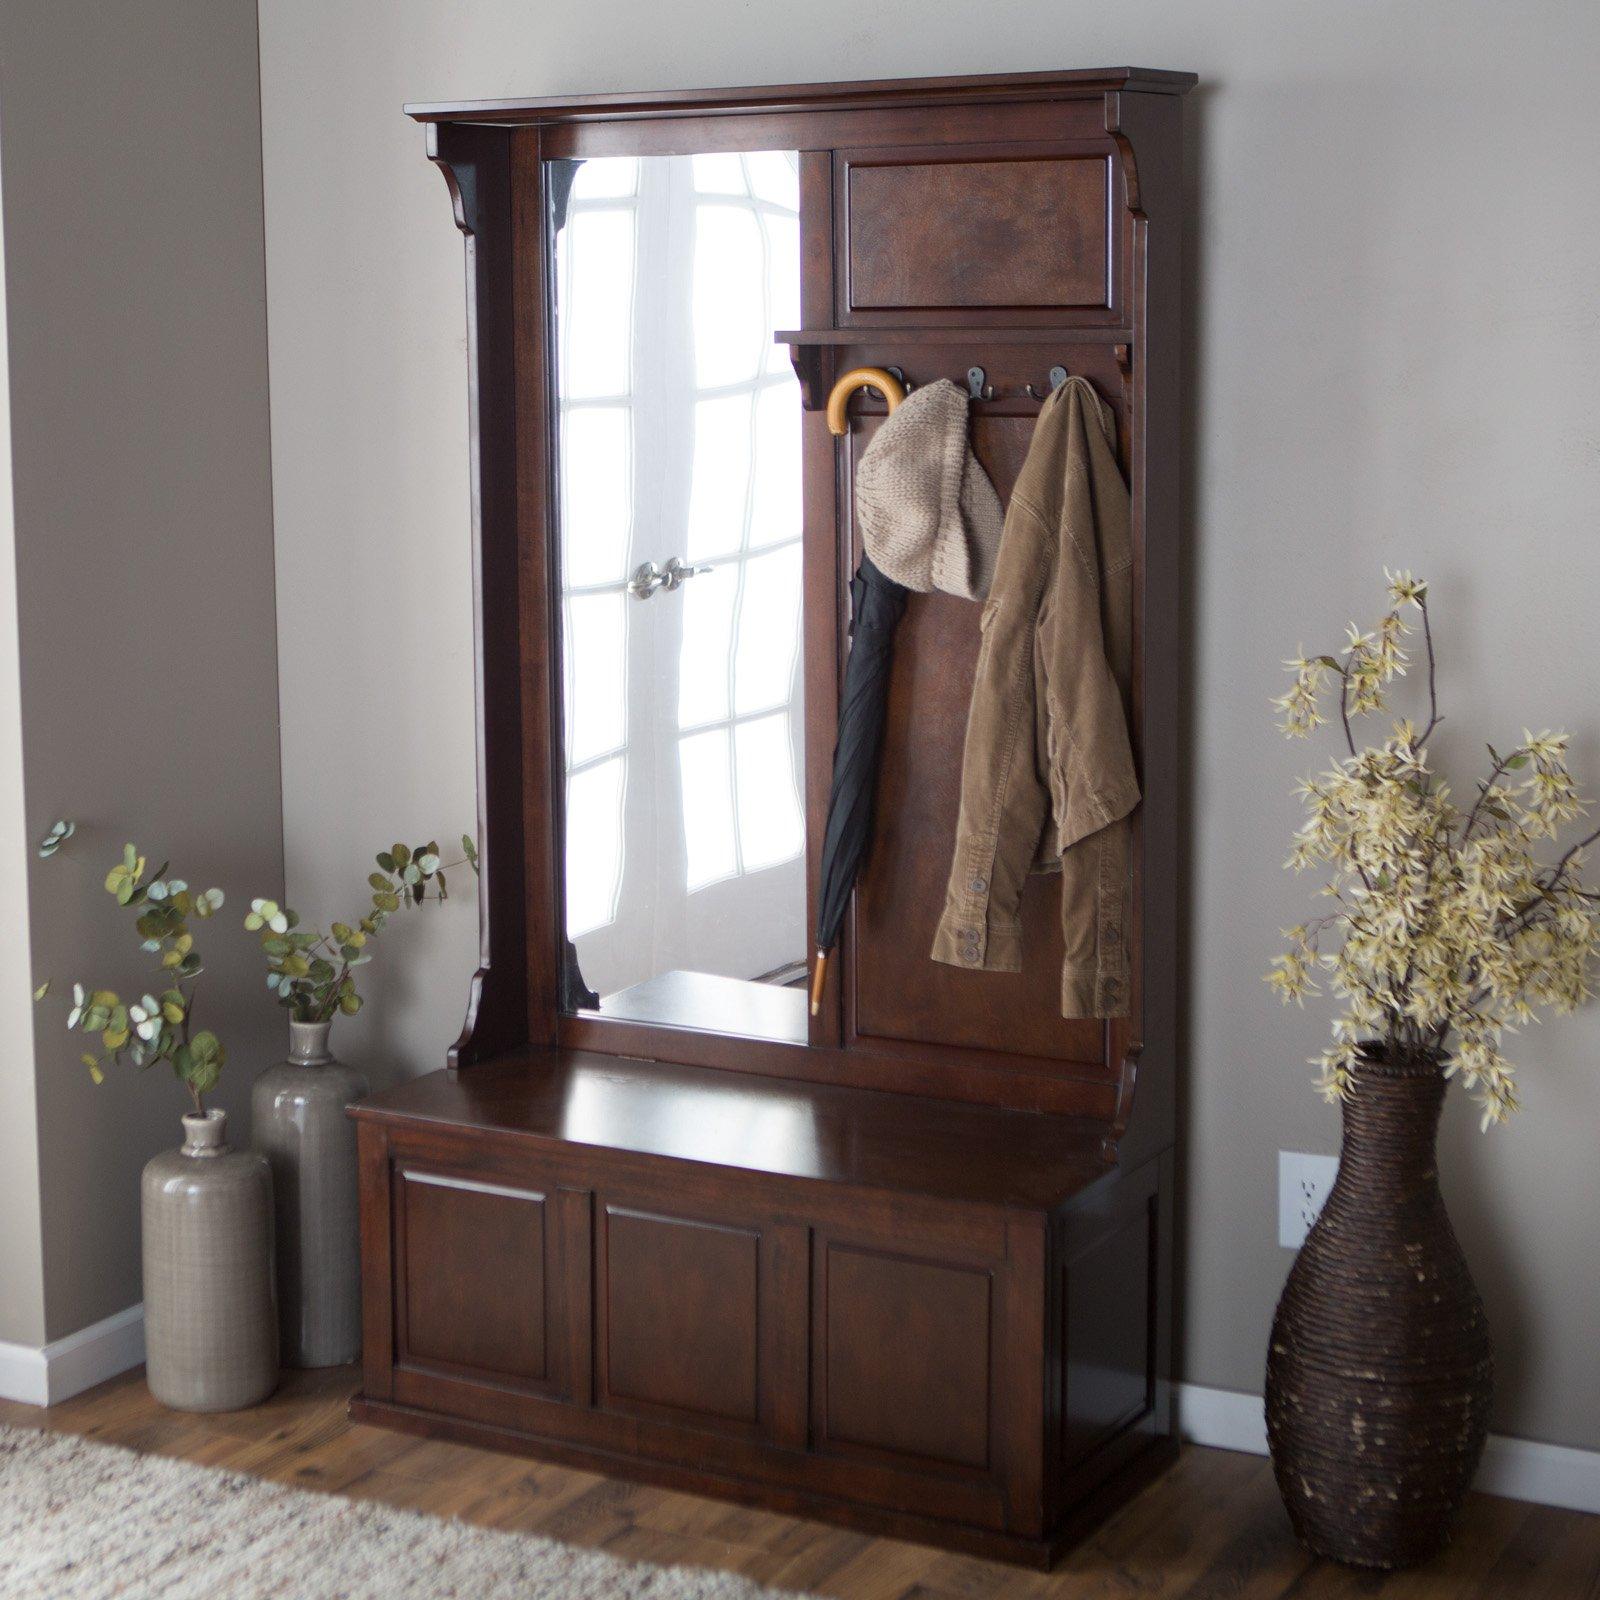 meubles-personnalisé-petit-organisateur-entrée-coin-banc-avec-brun-foncé-bois-entrée-banc-avec-avec-miroir-idées-porte-manteau-petit-entrée-banc-avec-brillant-innovant- stockage-et-sans-sto